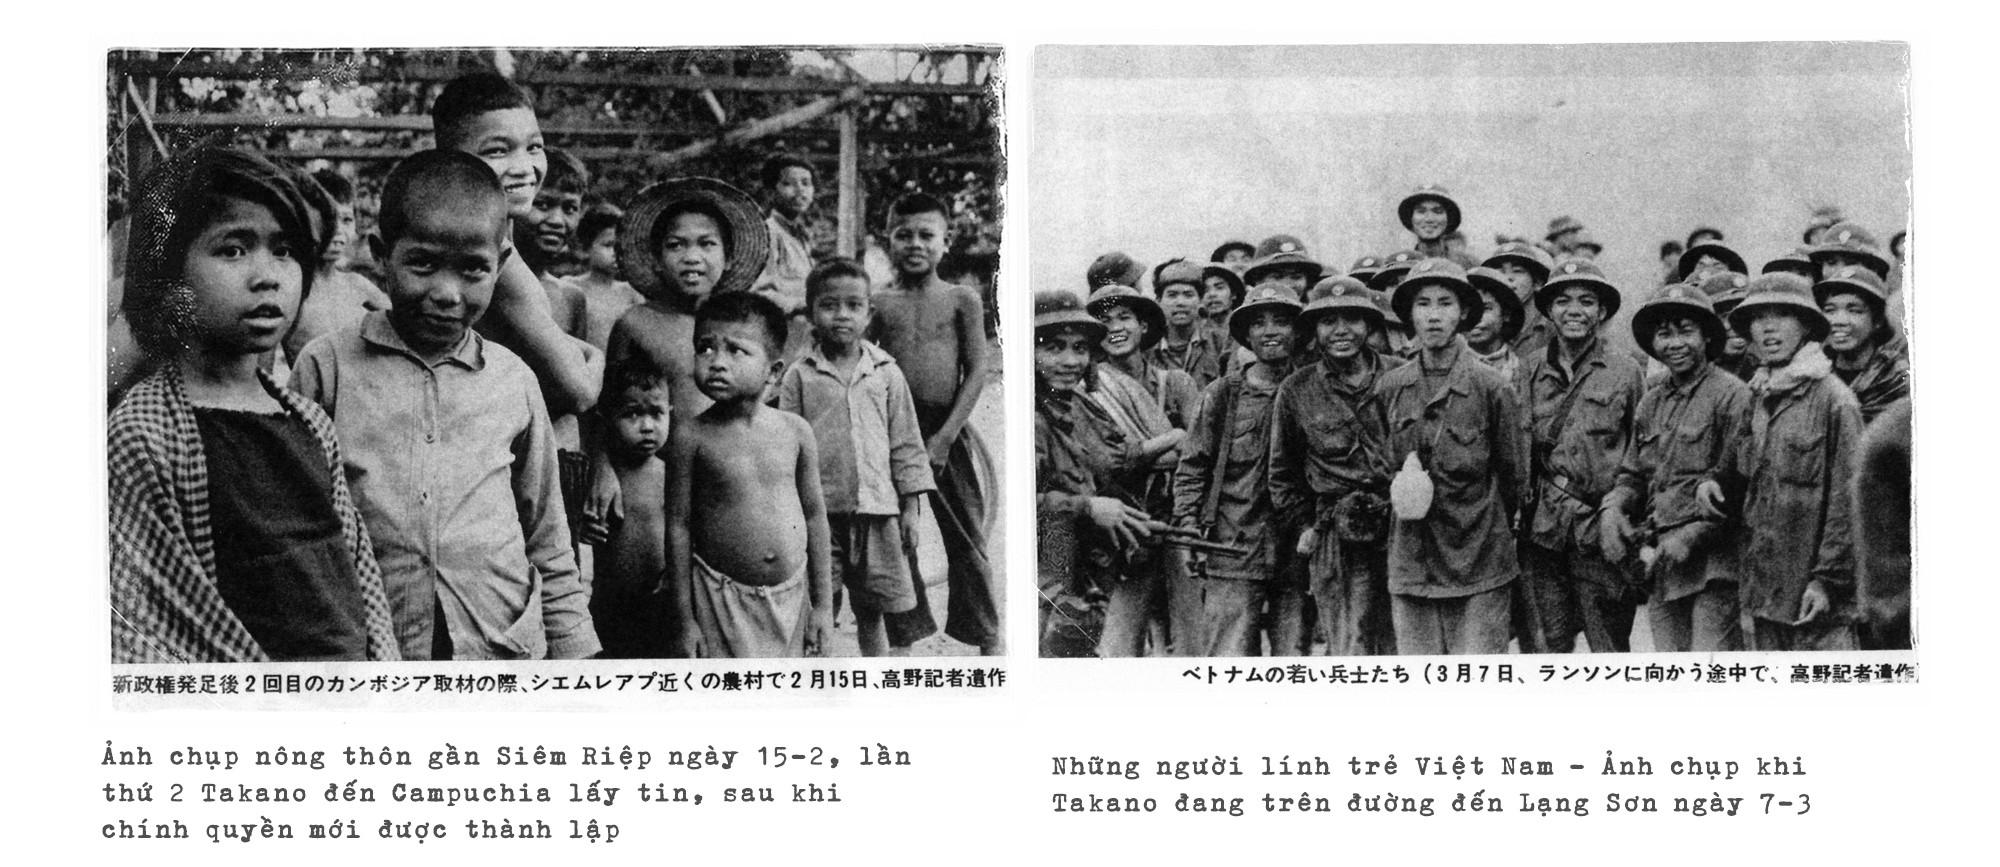 Kỳ cuối: Trở lại nơi phóng viên Takano hi sinh - Ảnh 9.